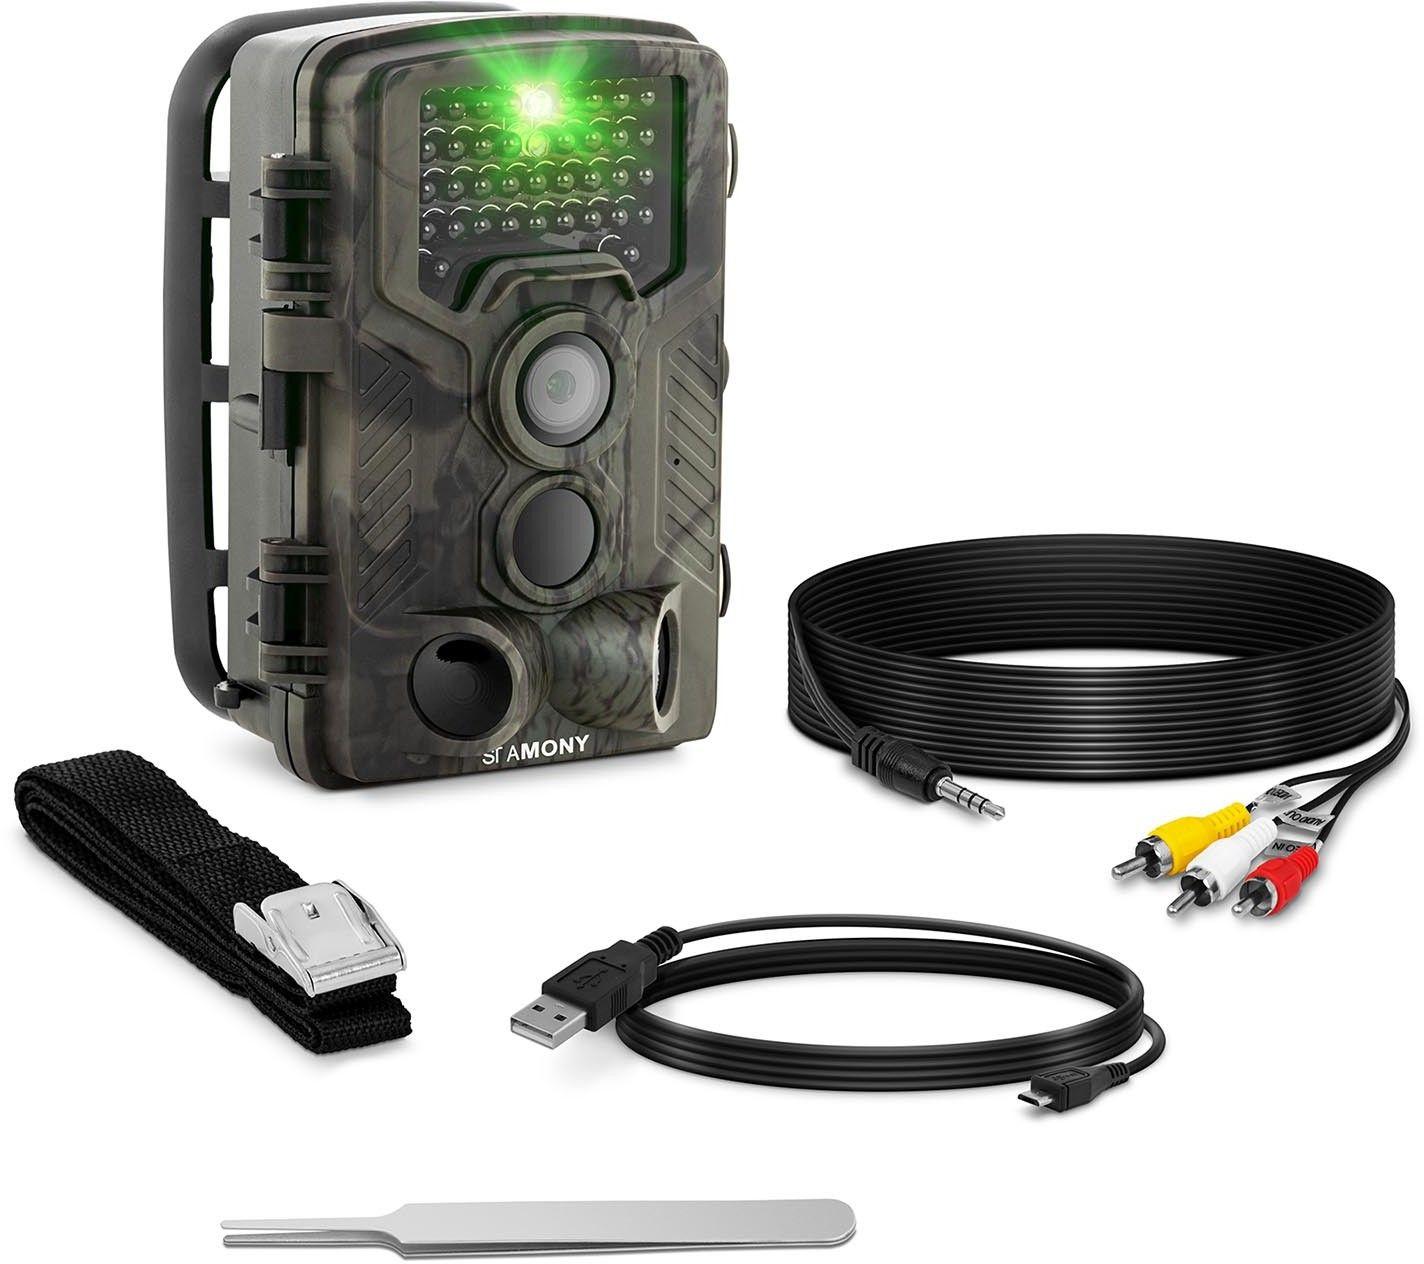 Fotopułapka - 8 MP - Full HD - 42 IR LED - 20 m - 0,3 s - LTE - StaMony - ST-5000LTE - 3 lata gwarancji/wysyłka w 24h